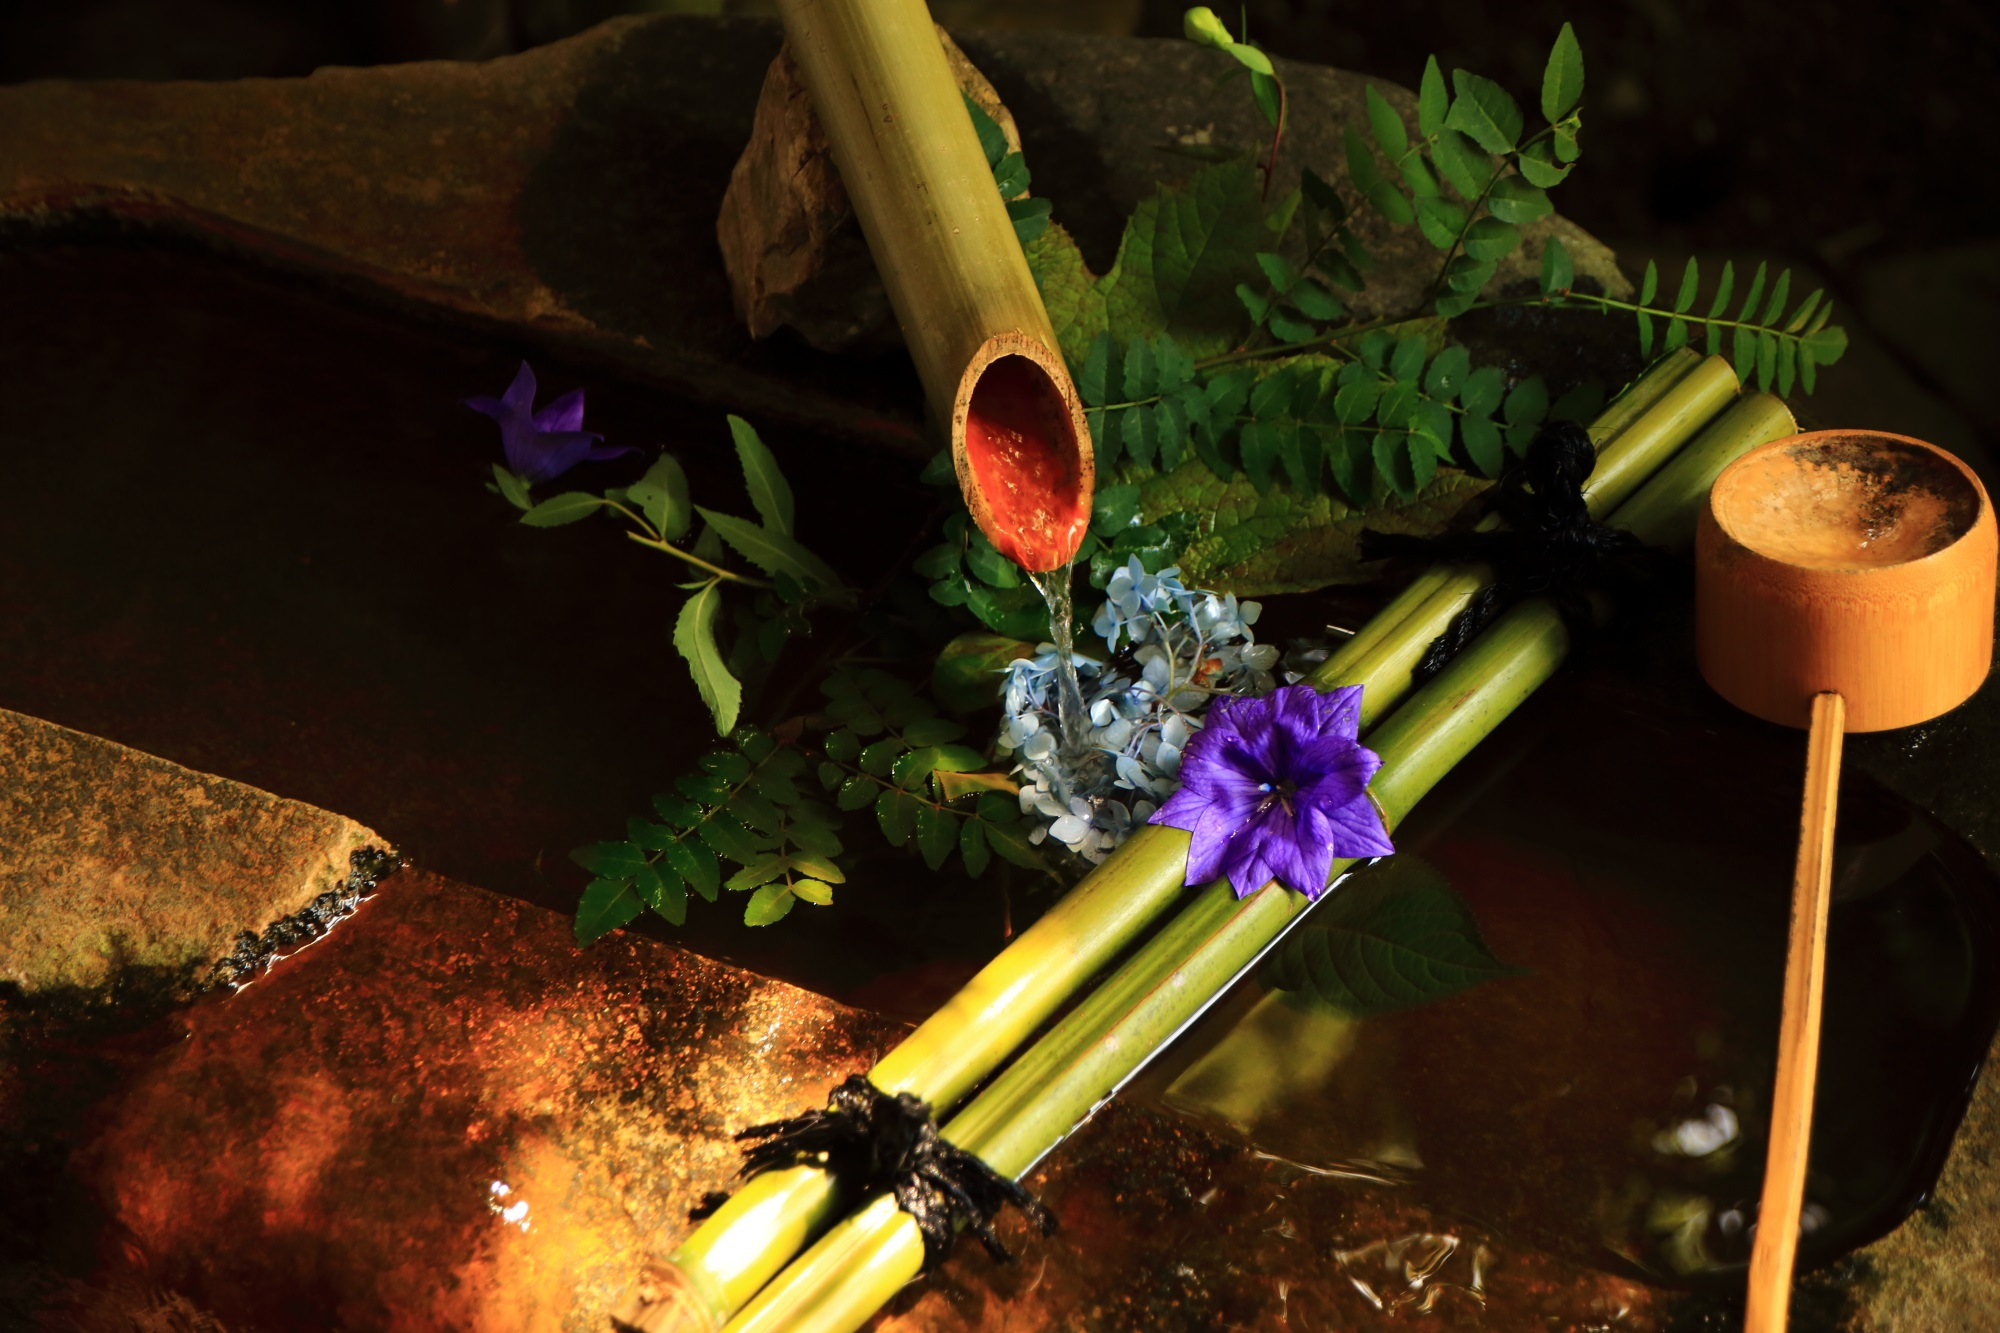 天得院の玄関付近の桔梗の花が添えられた風情ある手水鉢